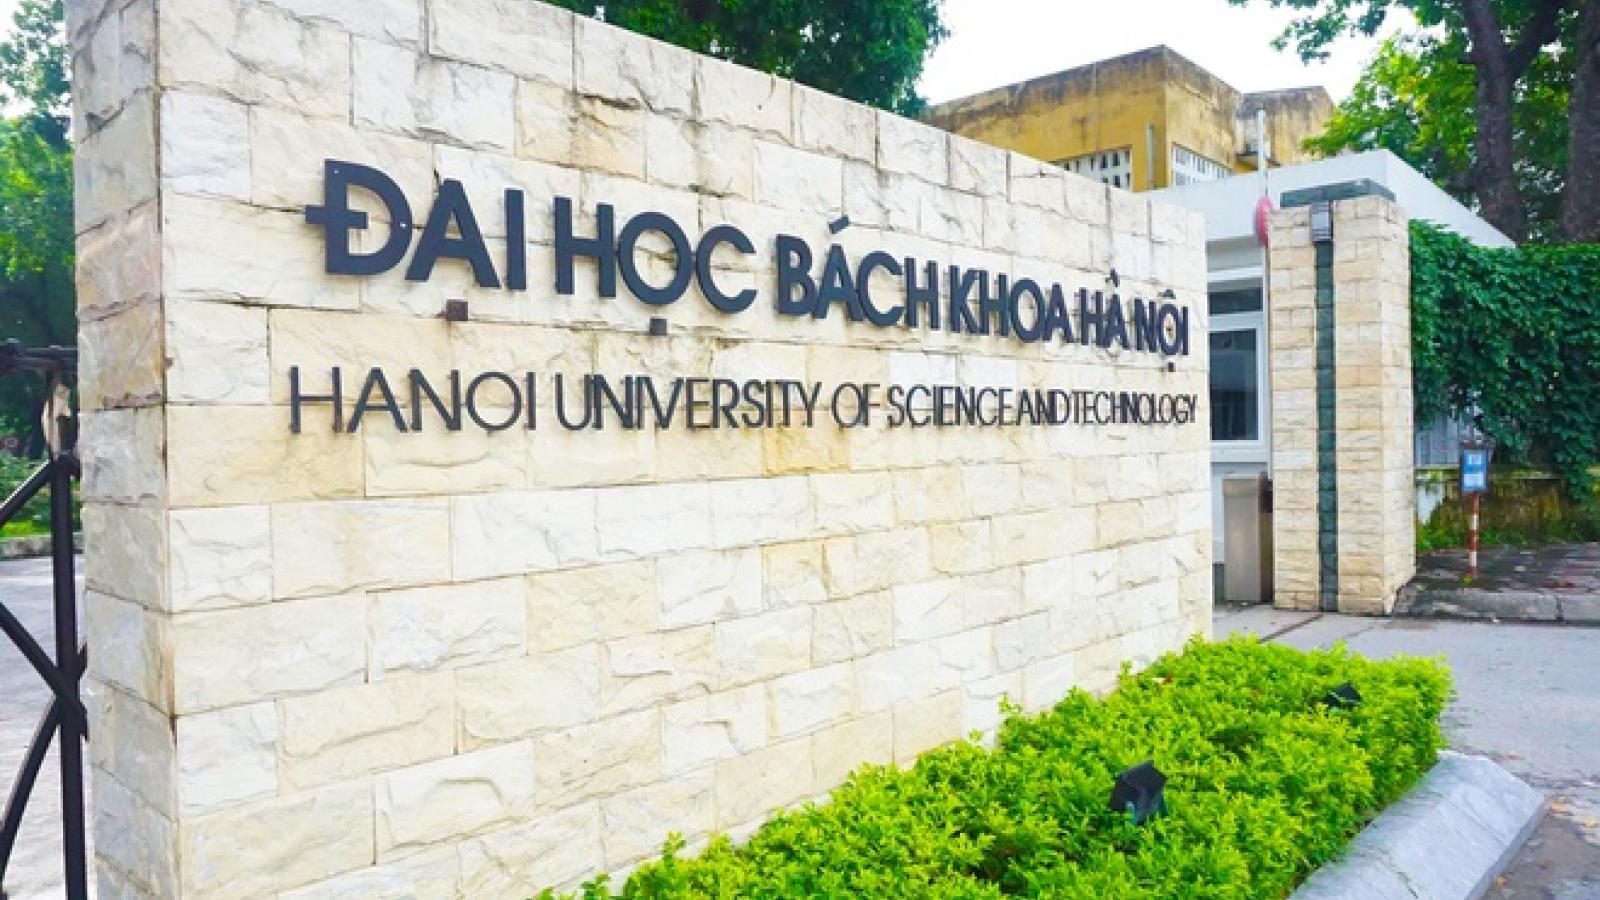 Năm 2021, ĐH Bách khoa Hà Nội dự kiến tuyển sinh theo 3 phương thức